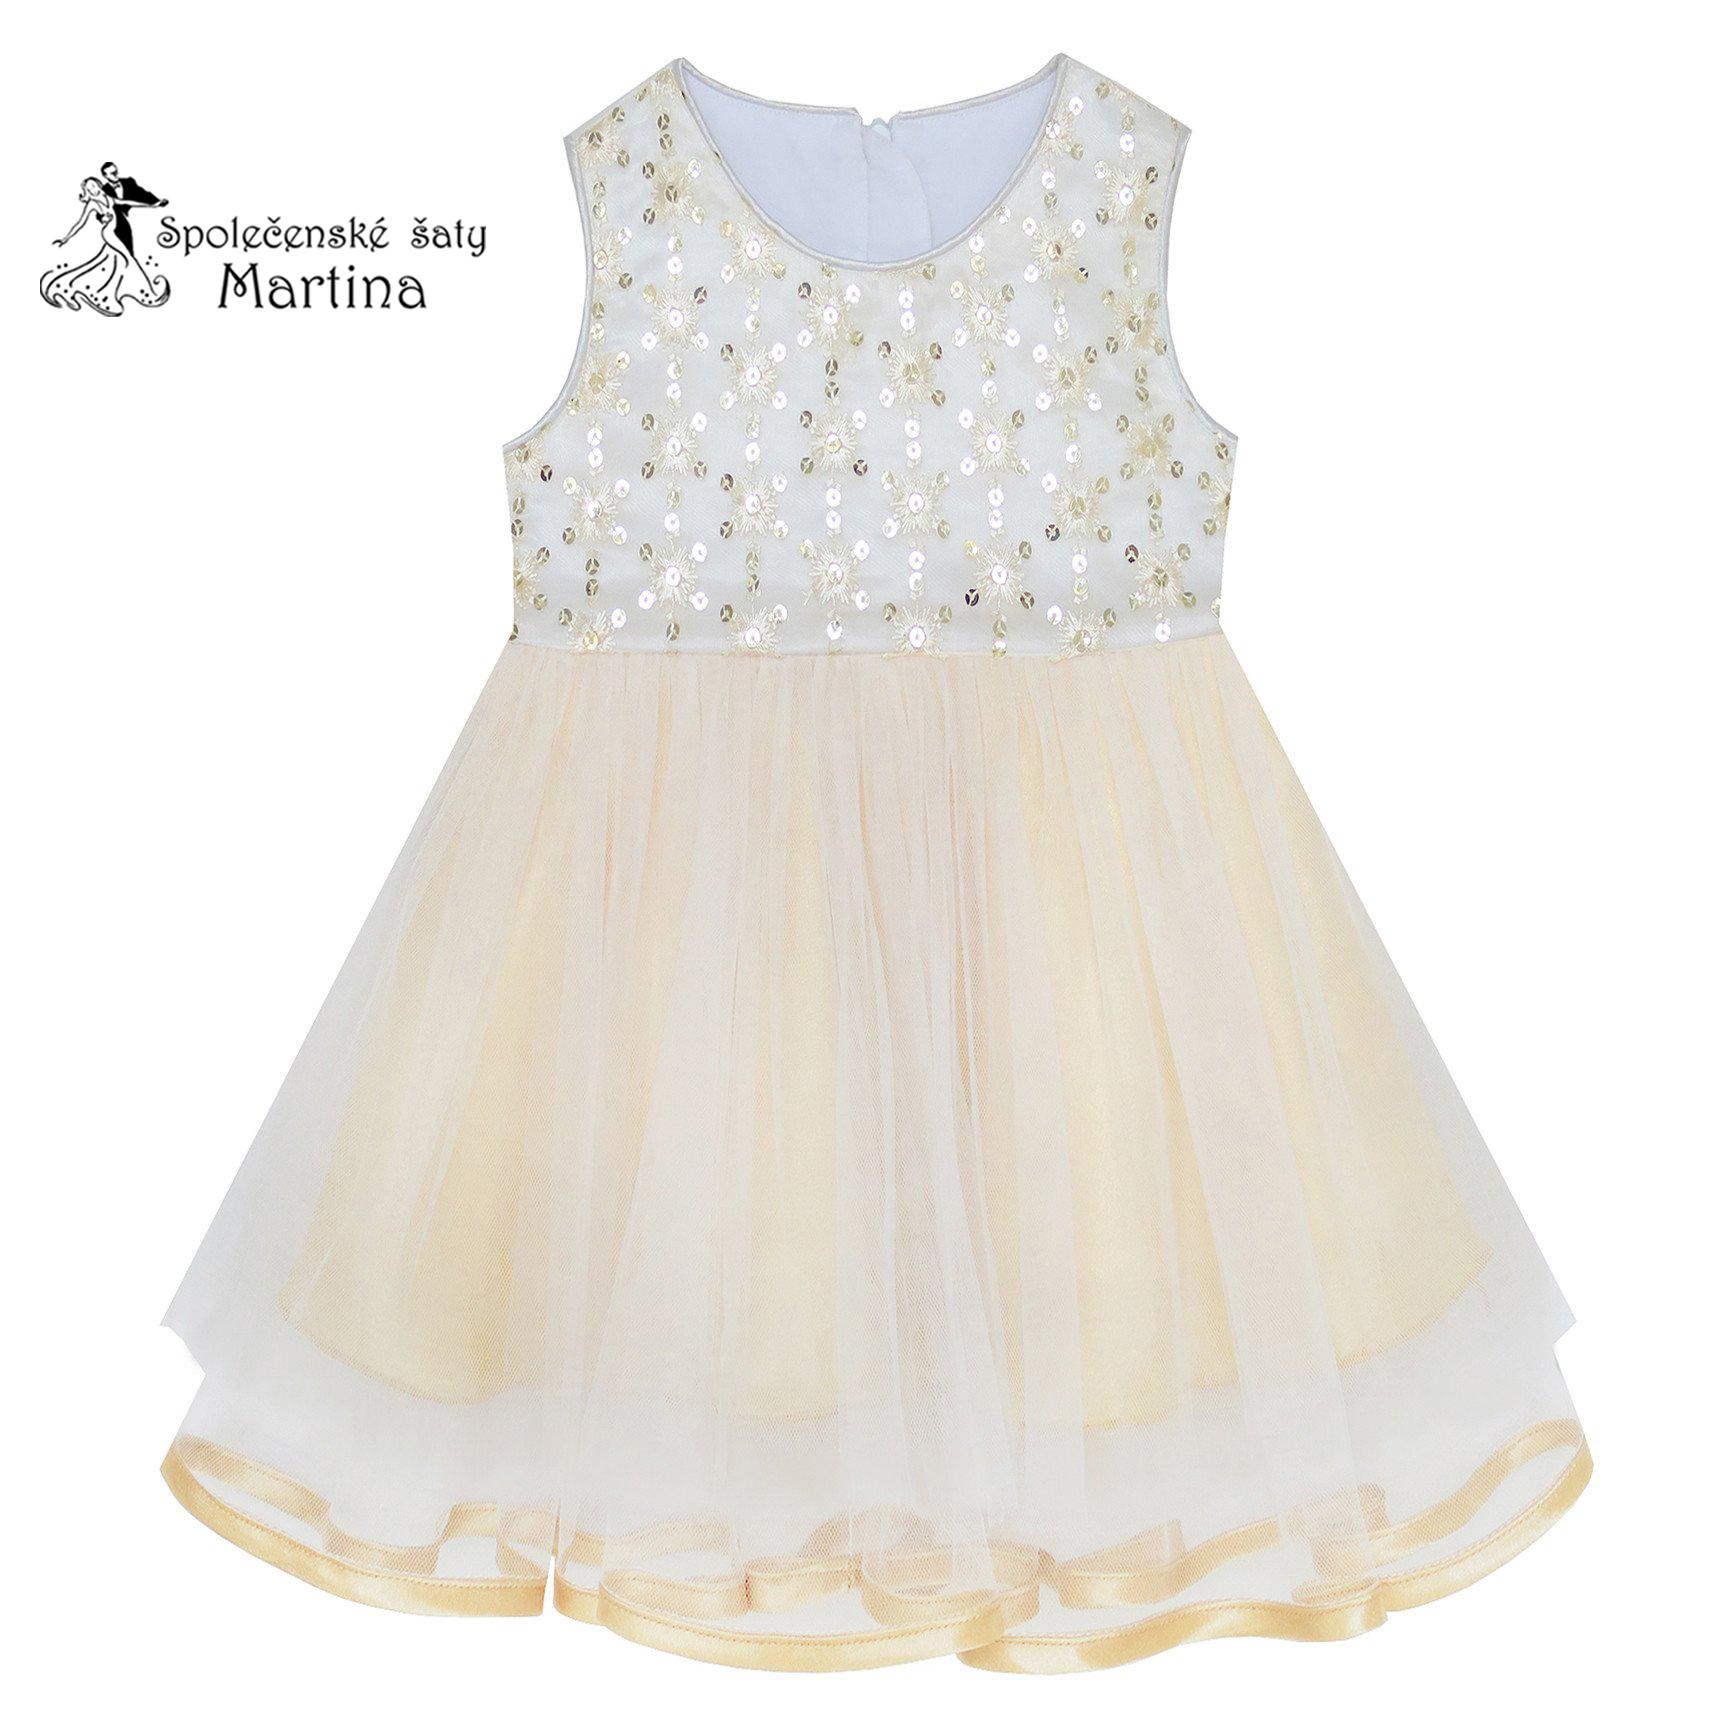 5028fc433322 Společenské šaty pro družičku